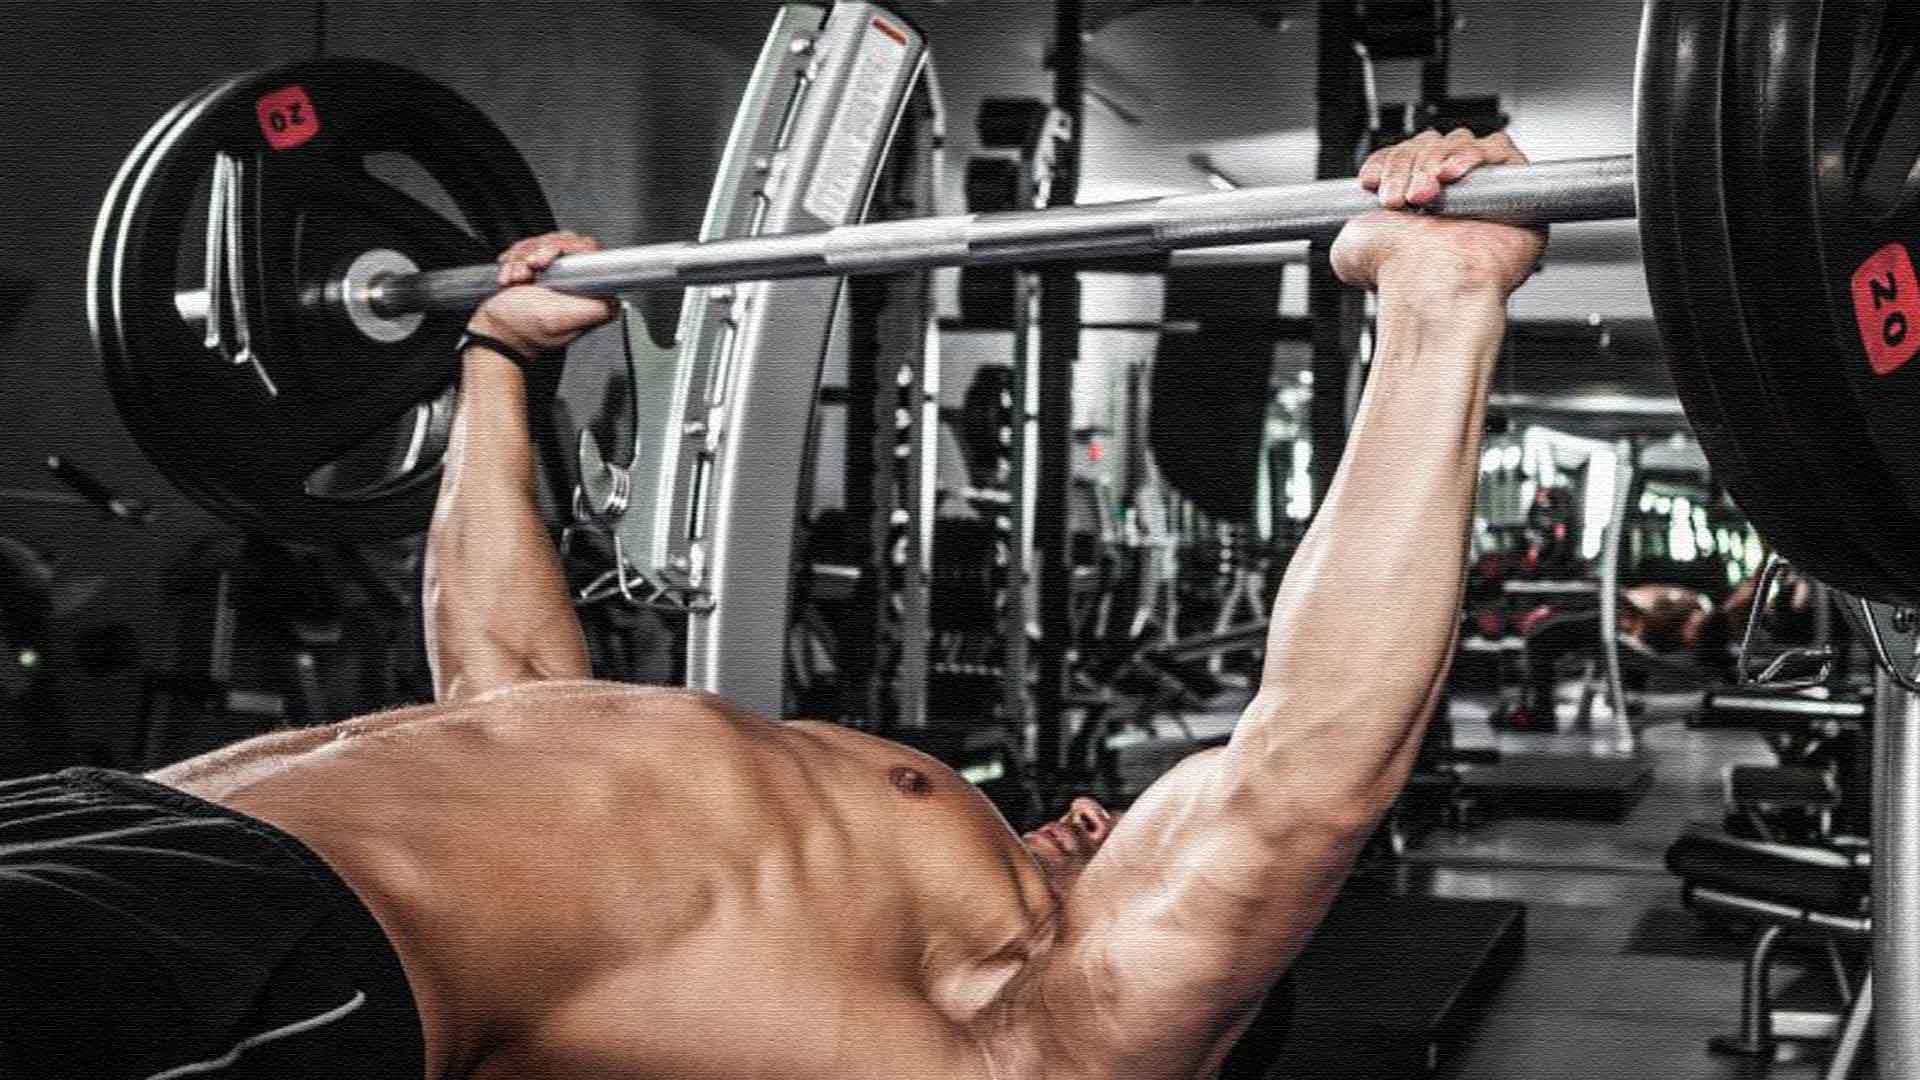 Жим лежа – какие мышцы работают при разных хватах и наклонах